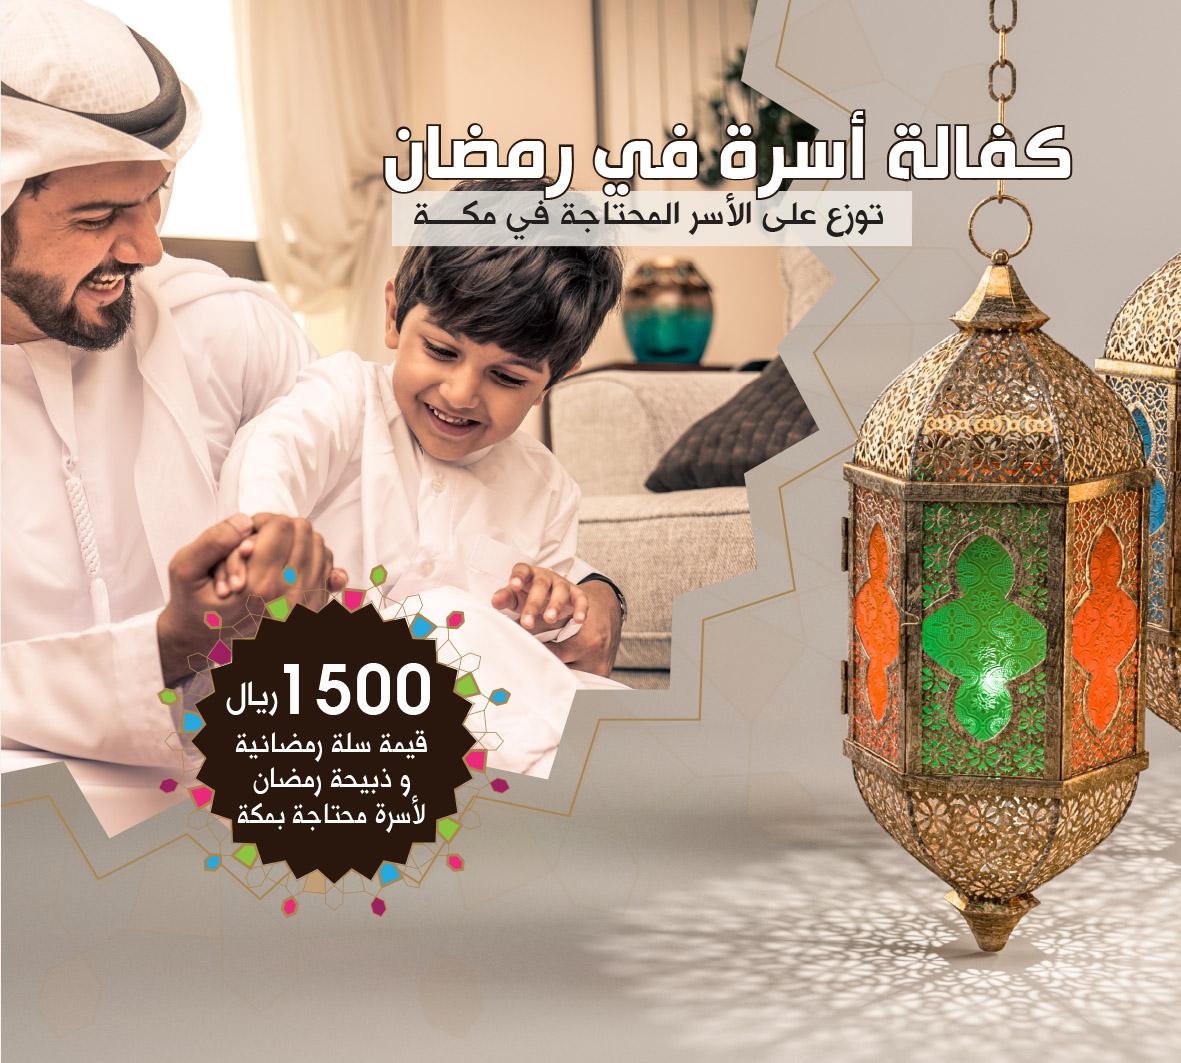 كفالة أسرة محتاجة في رمضان